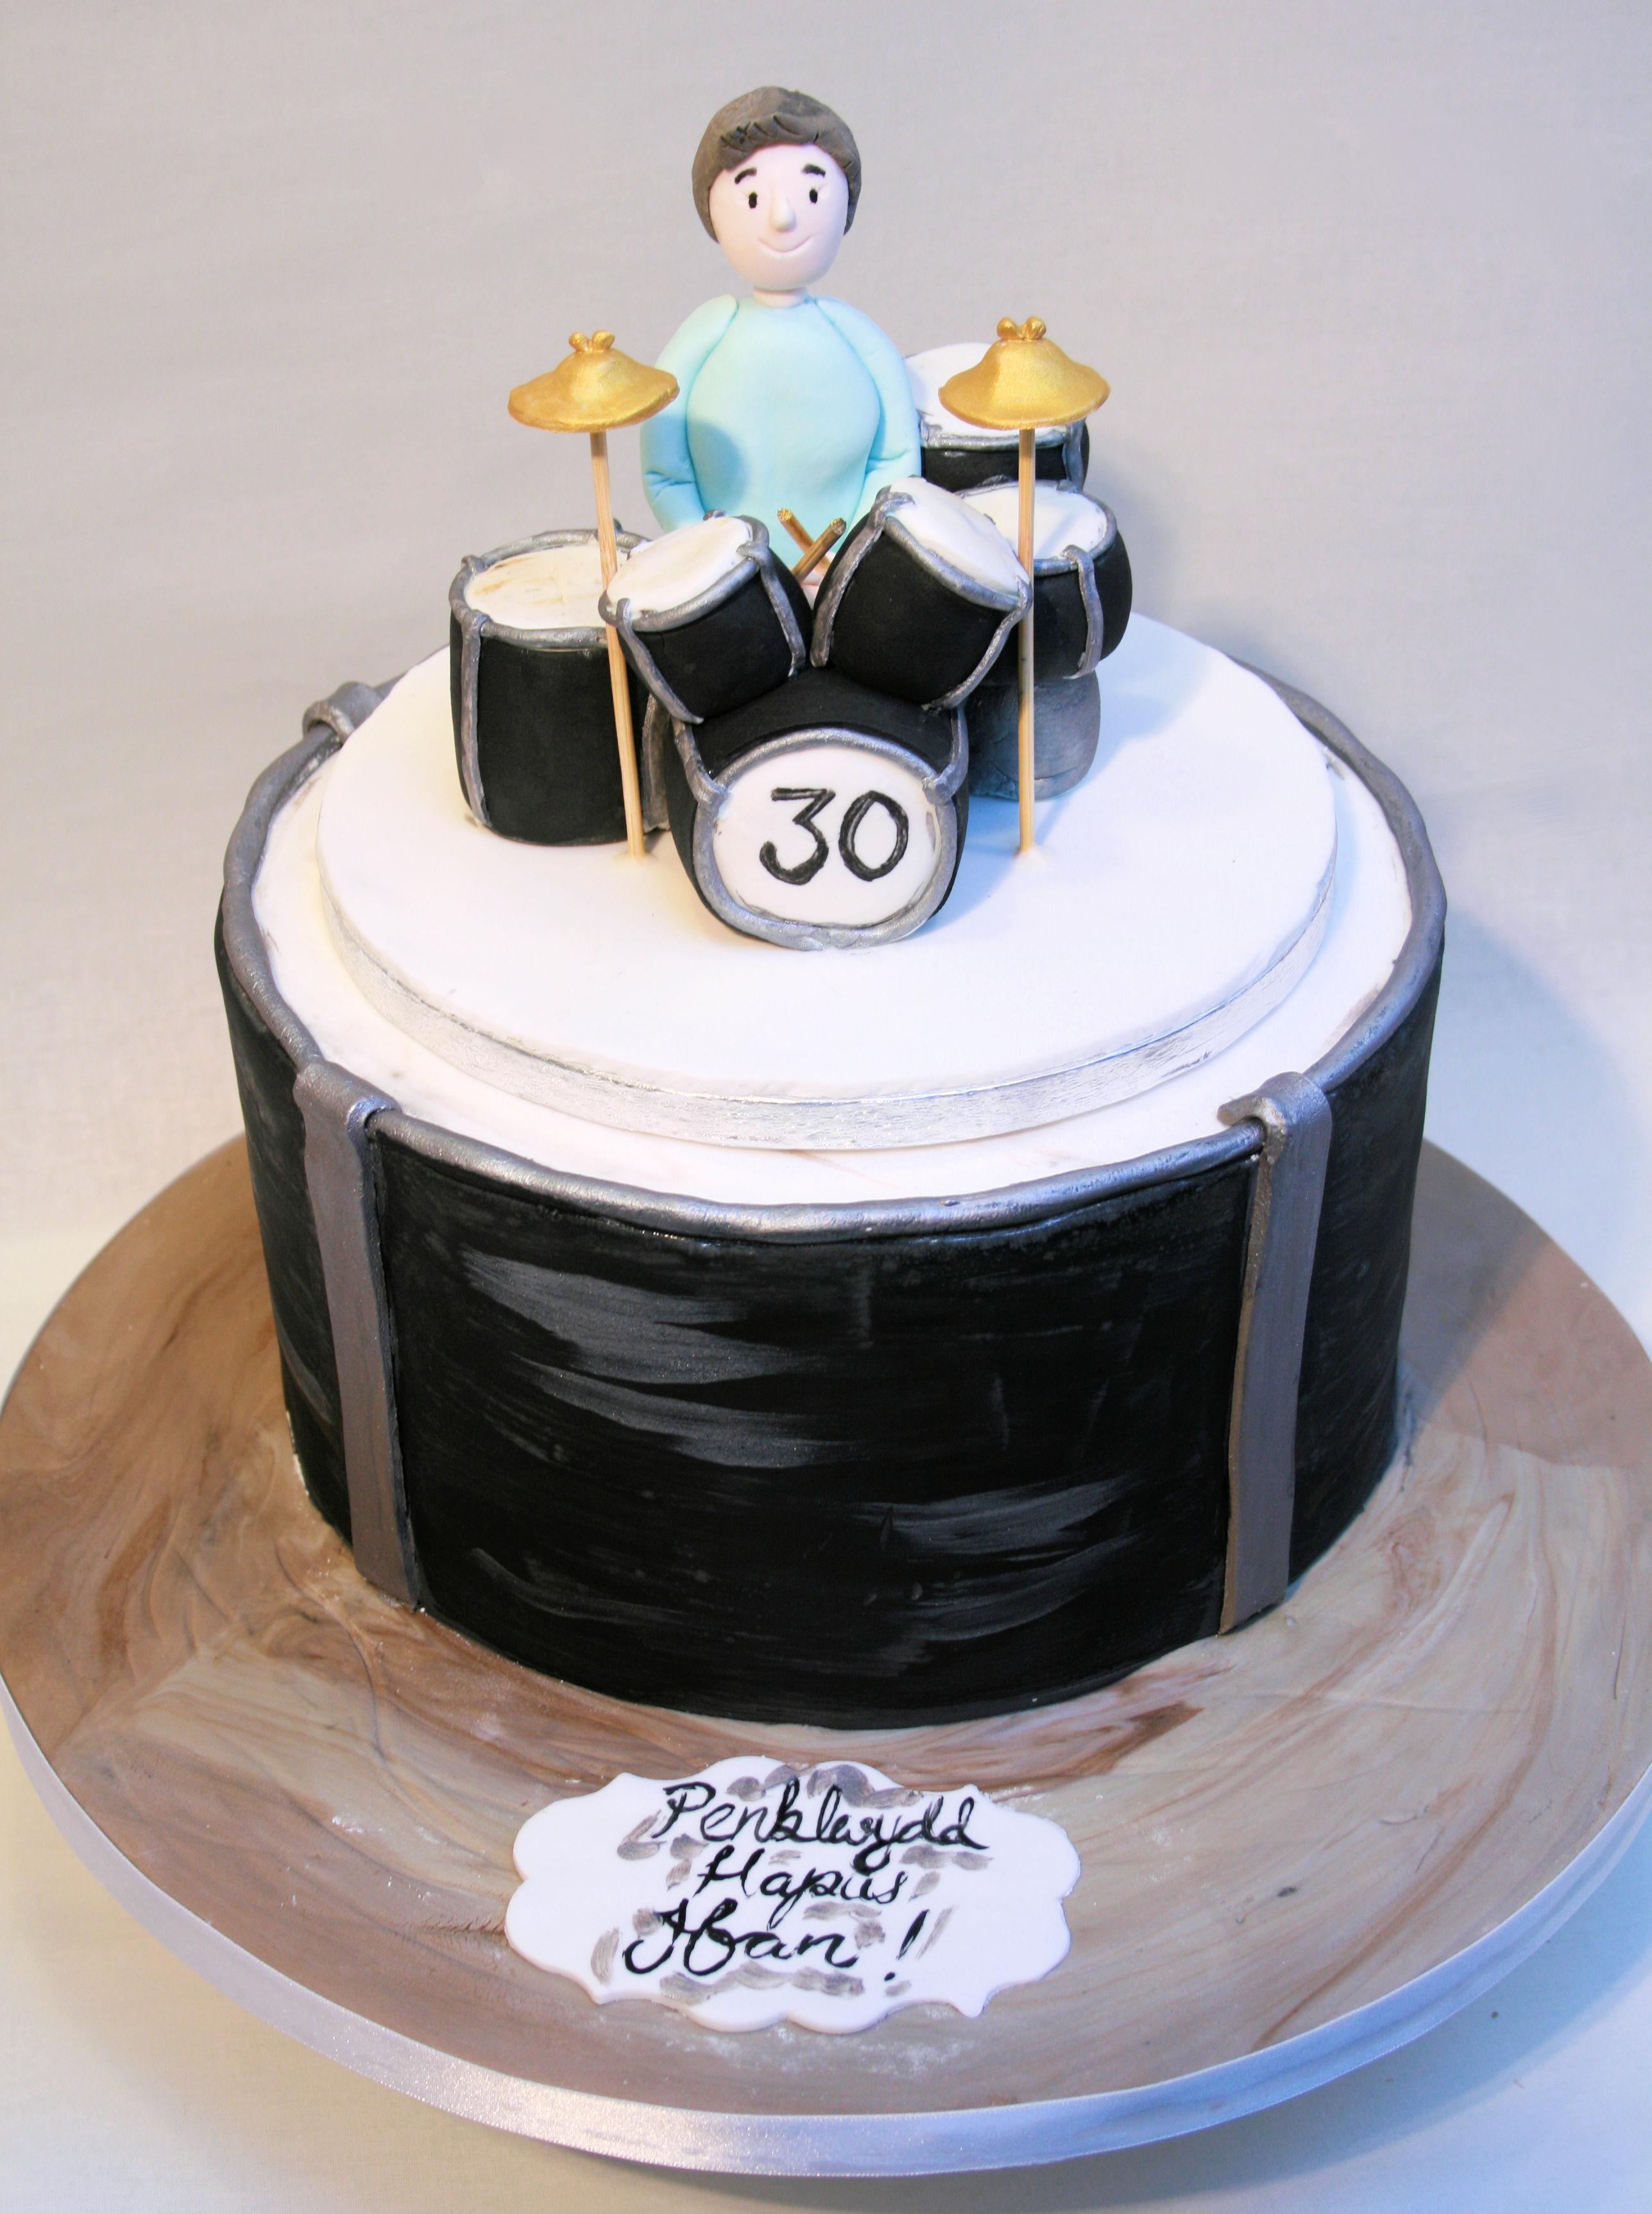 Drumkit cake